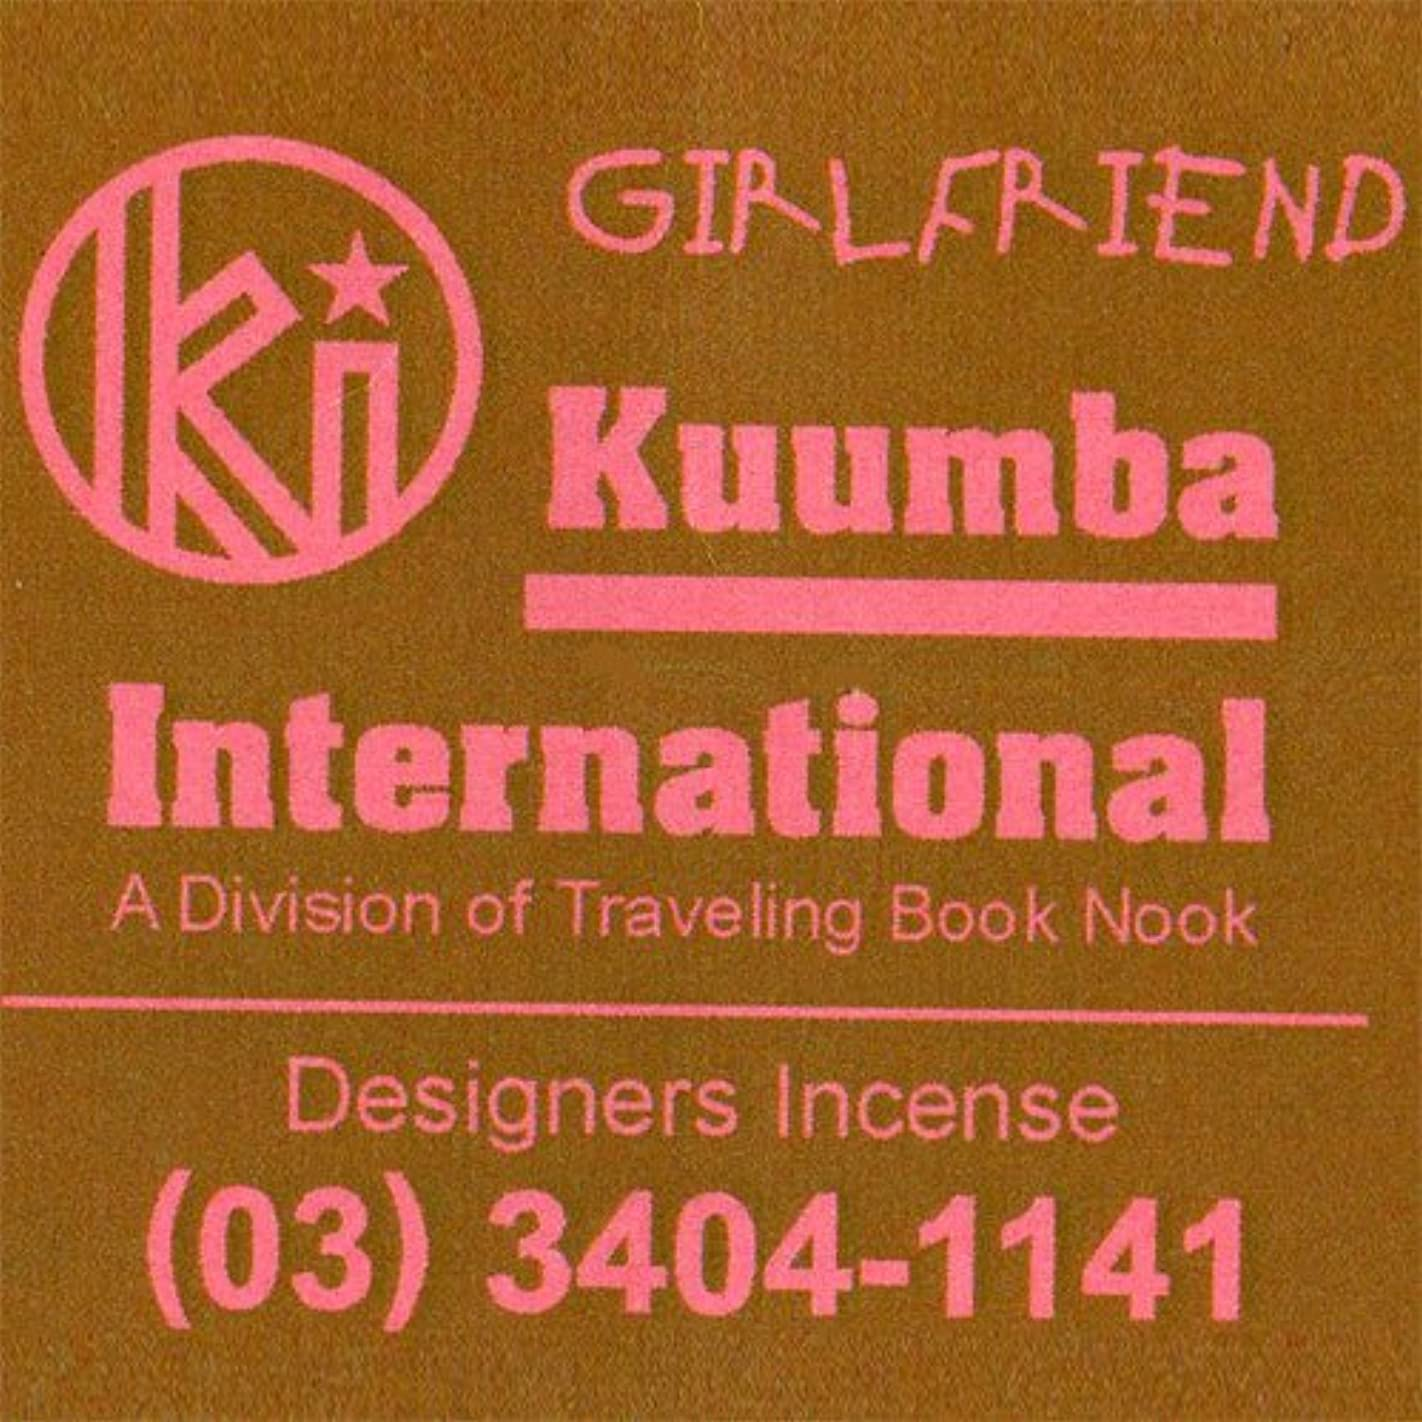 笑い滑る特許KUUMBA / クンバ『incense』(GIRL FRIEND) (Regular size)